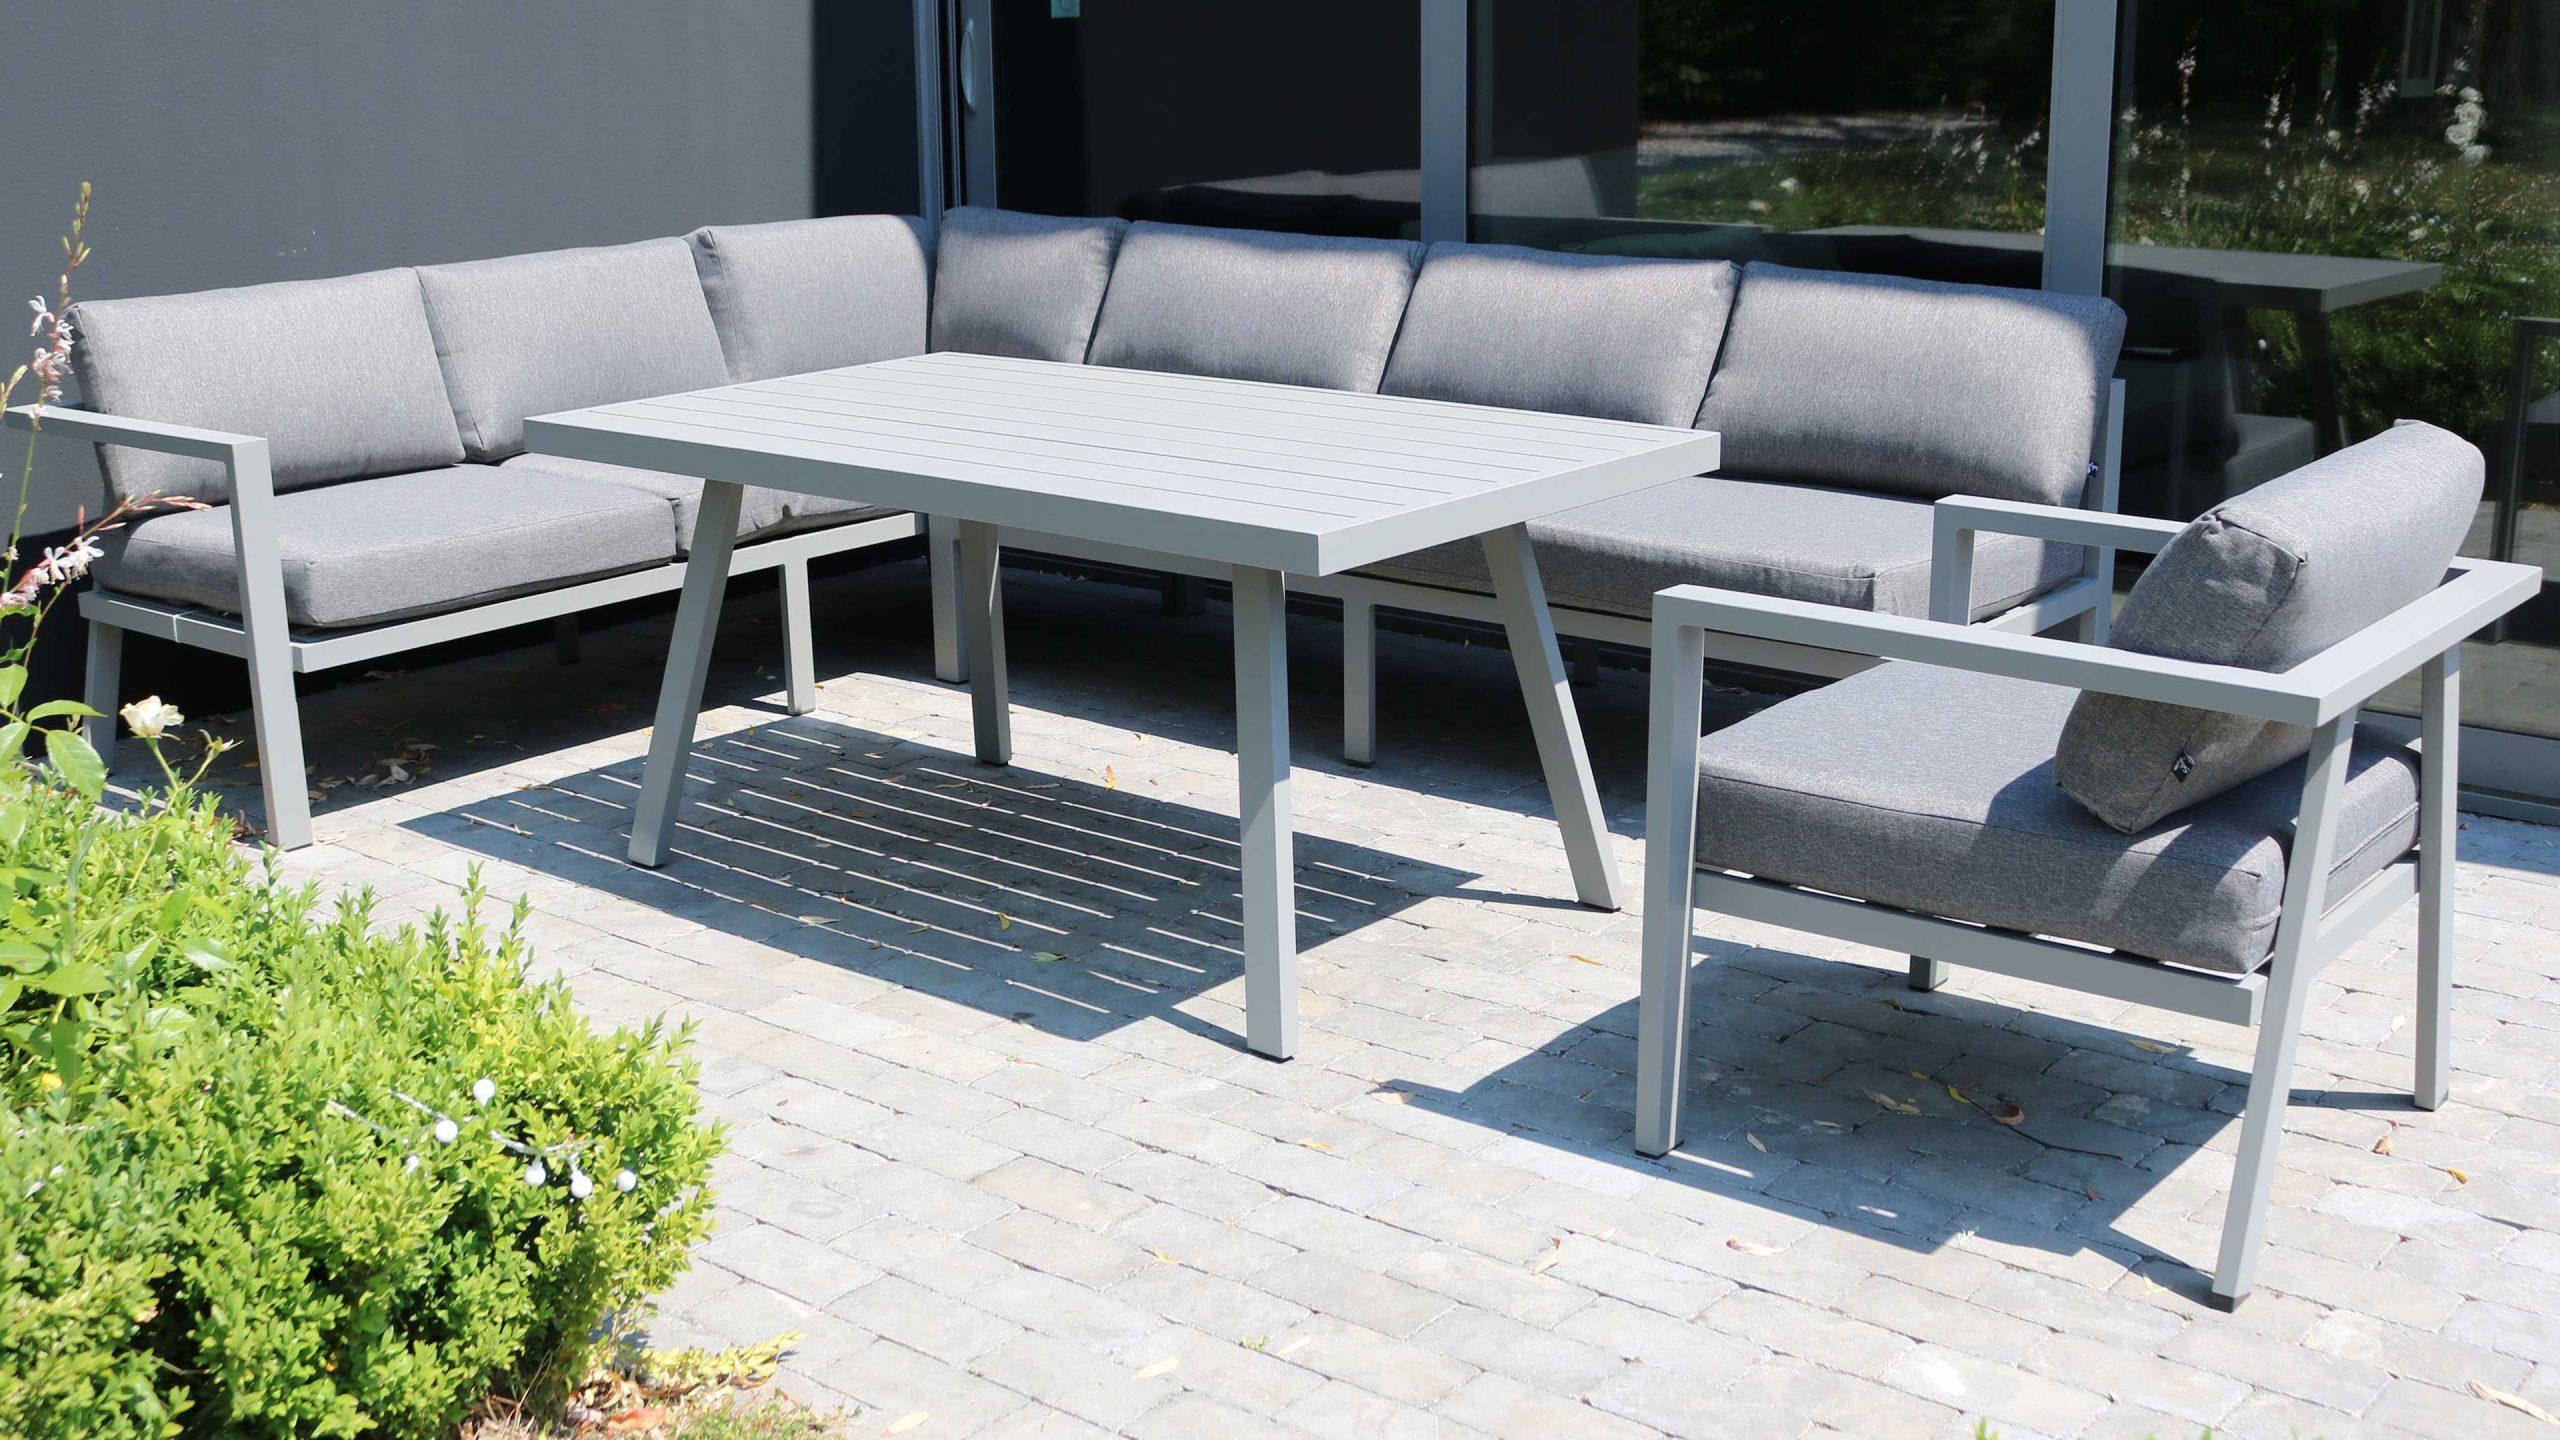 Salon Jardin Table Fauteuil Canapé D'angle tout Salon De Jardin Aluminium Et Composite